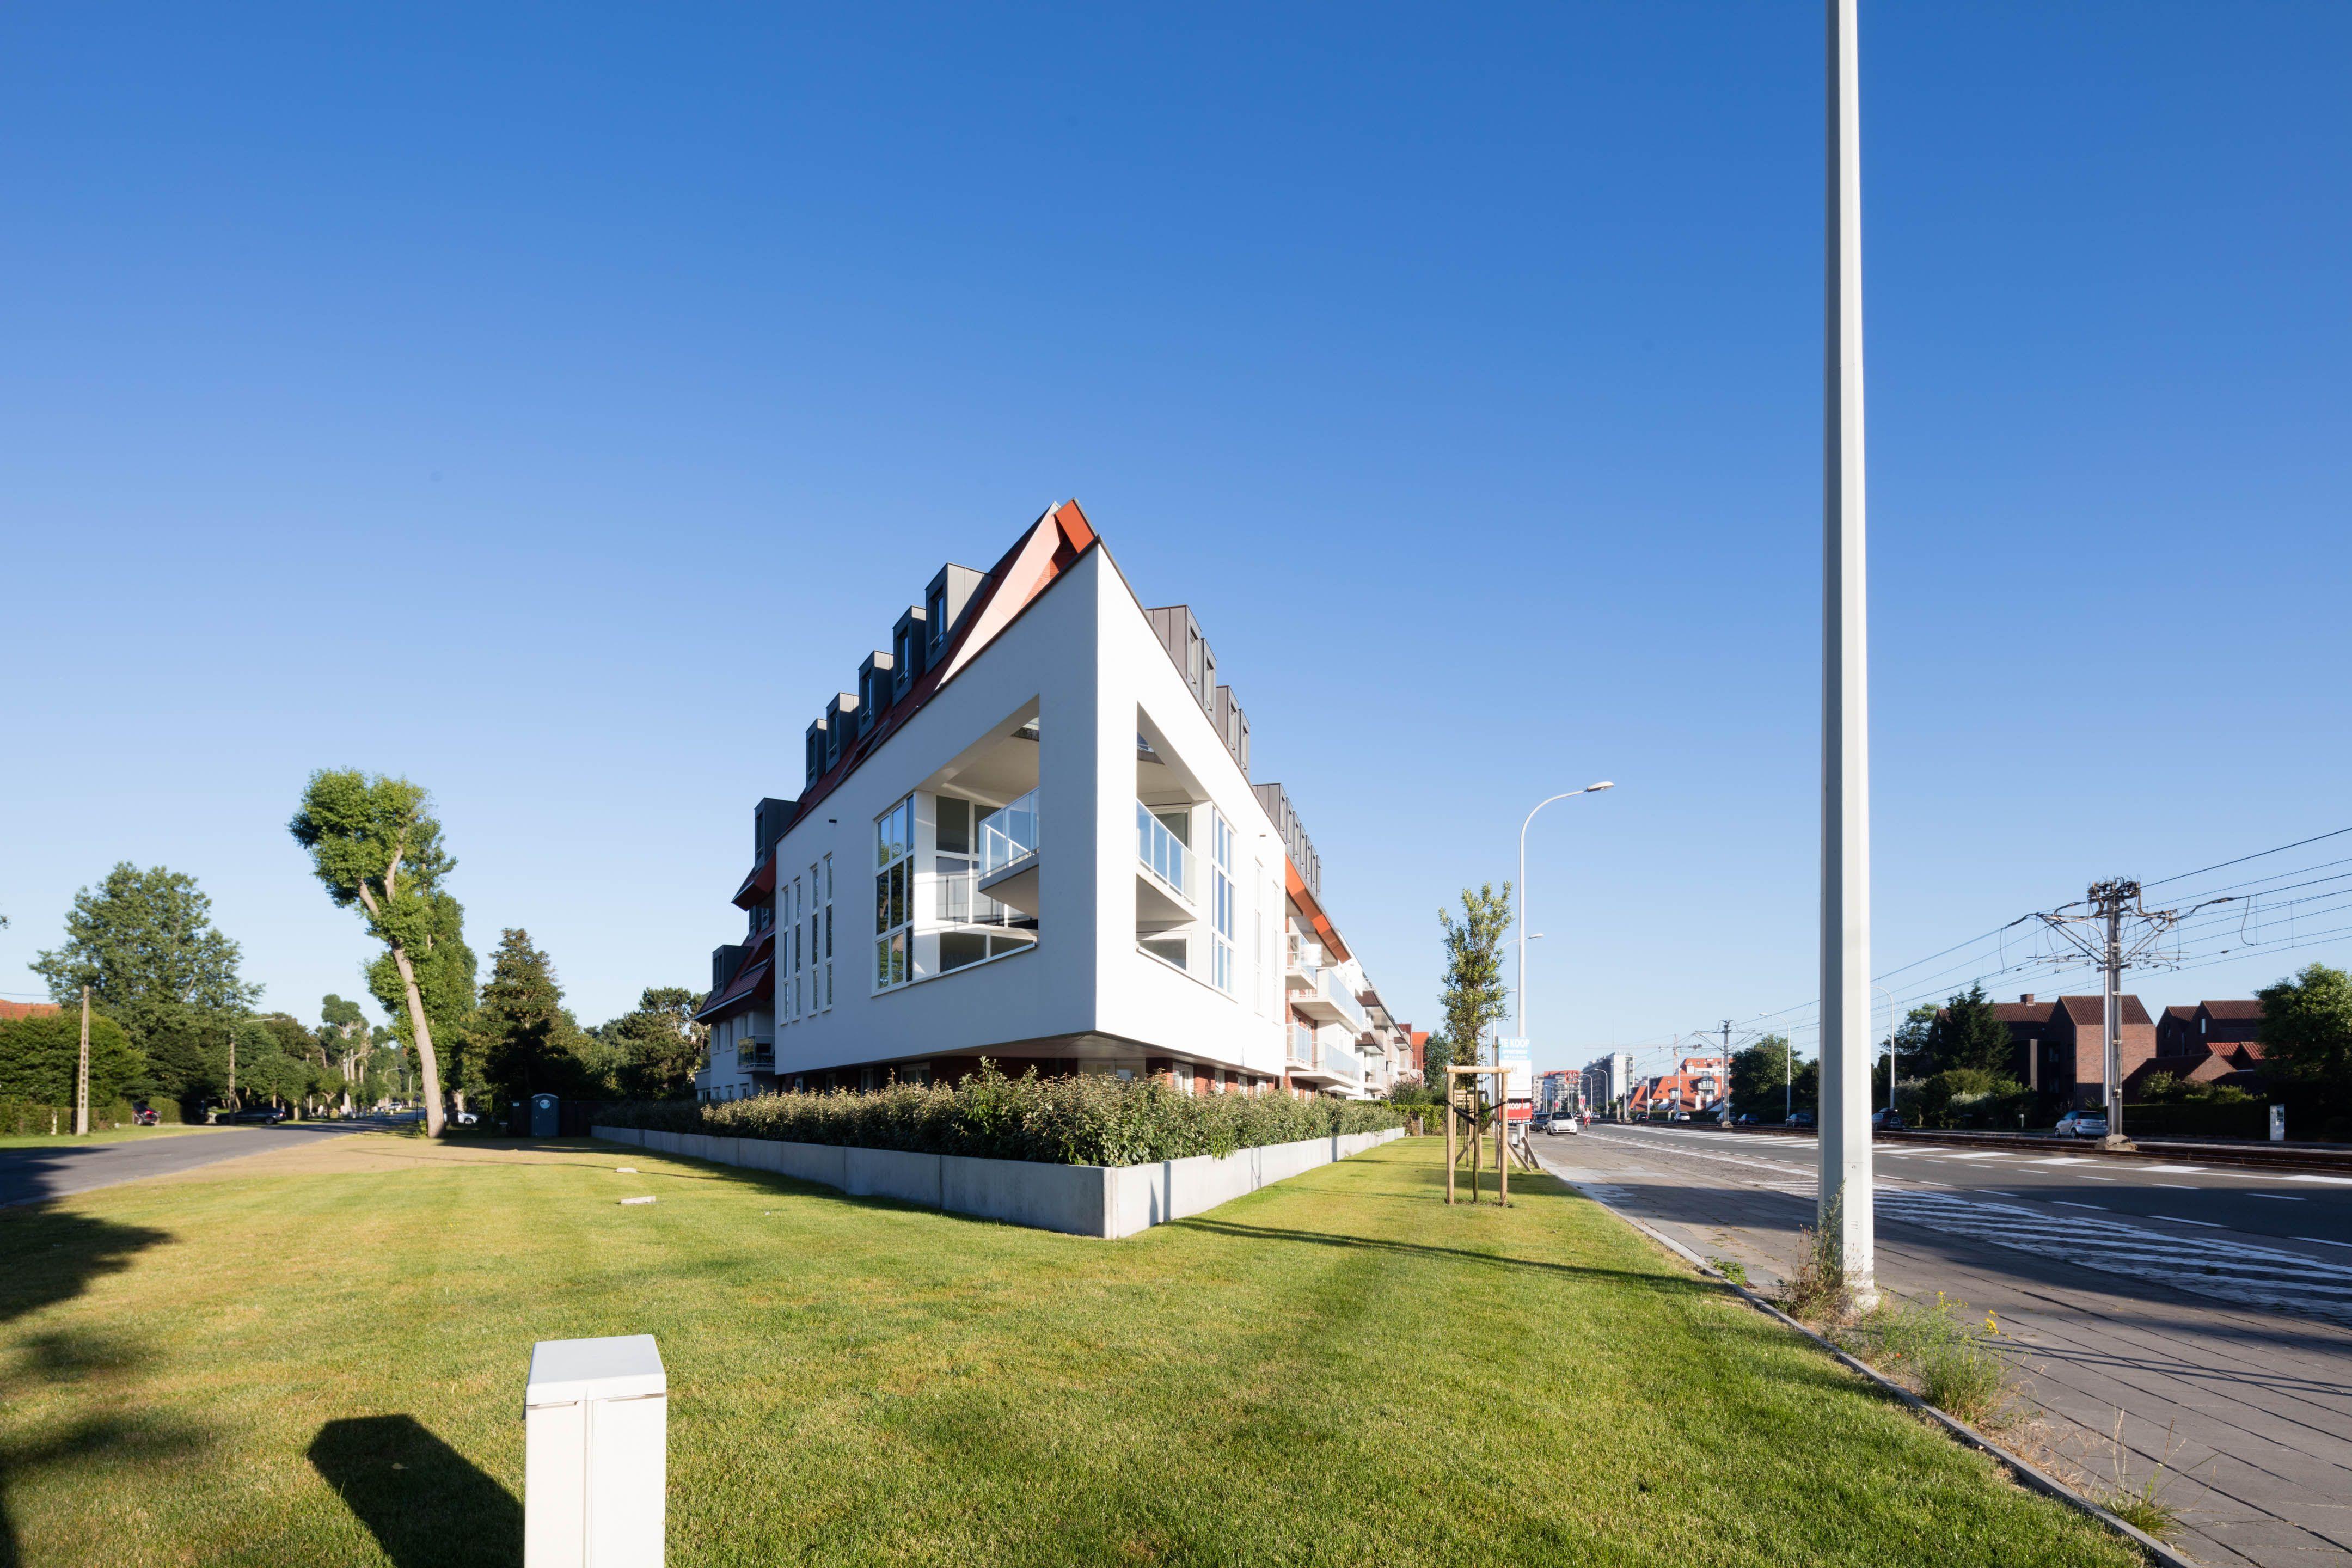 Appartement Residentie Villa Crombez Nieuwpoort - 9296